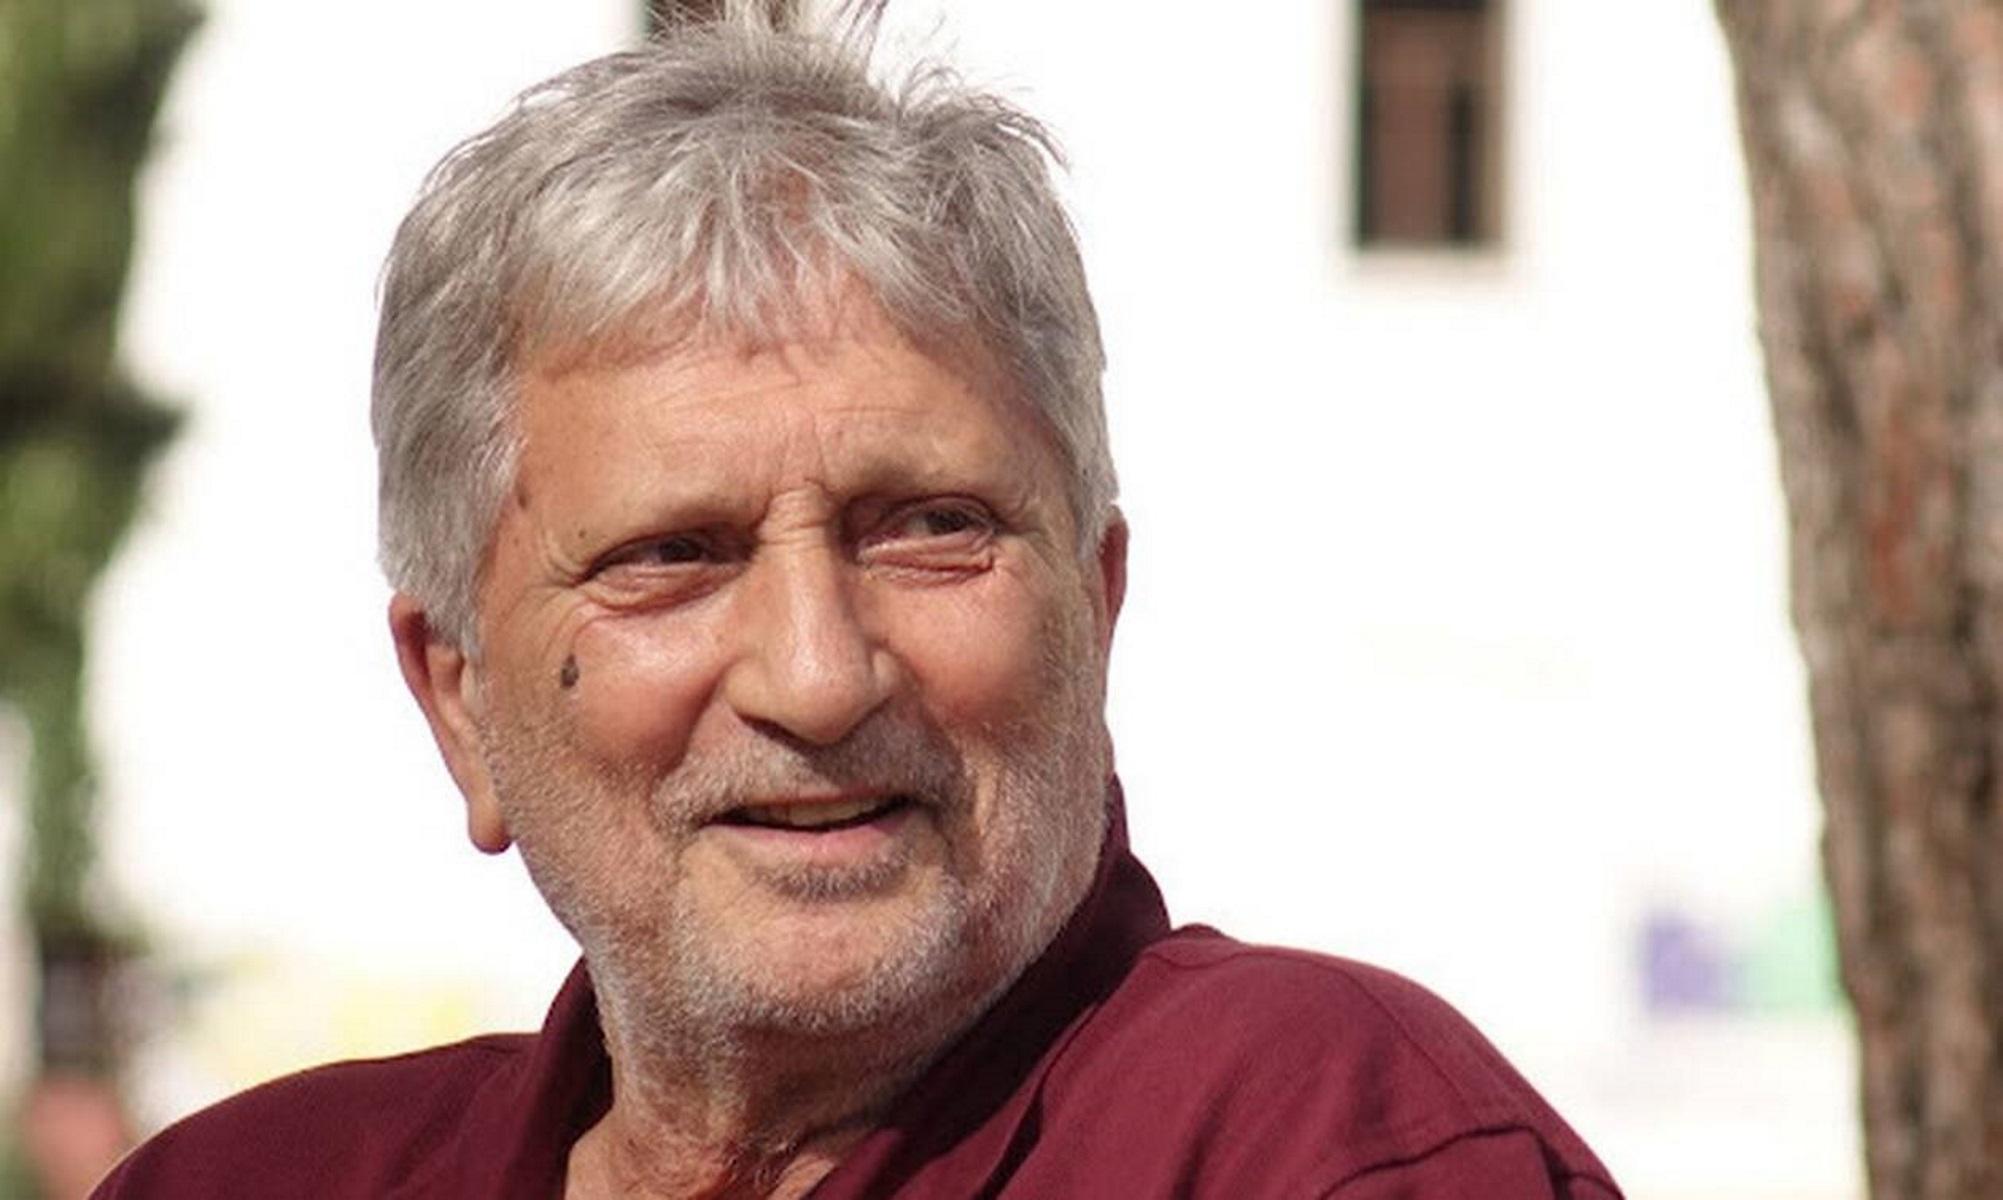 Αχιλλέας Βασιλειάδης: Persona non grata στην Τουρκία ο γνωστός τραγουδιστής